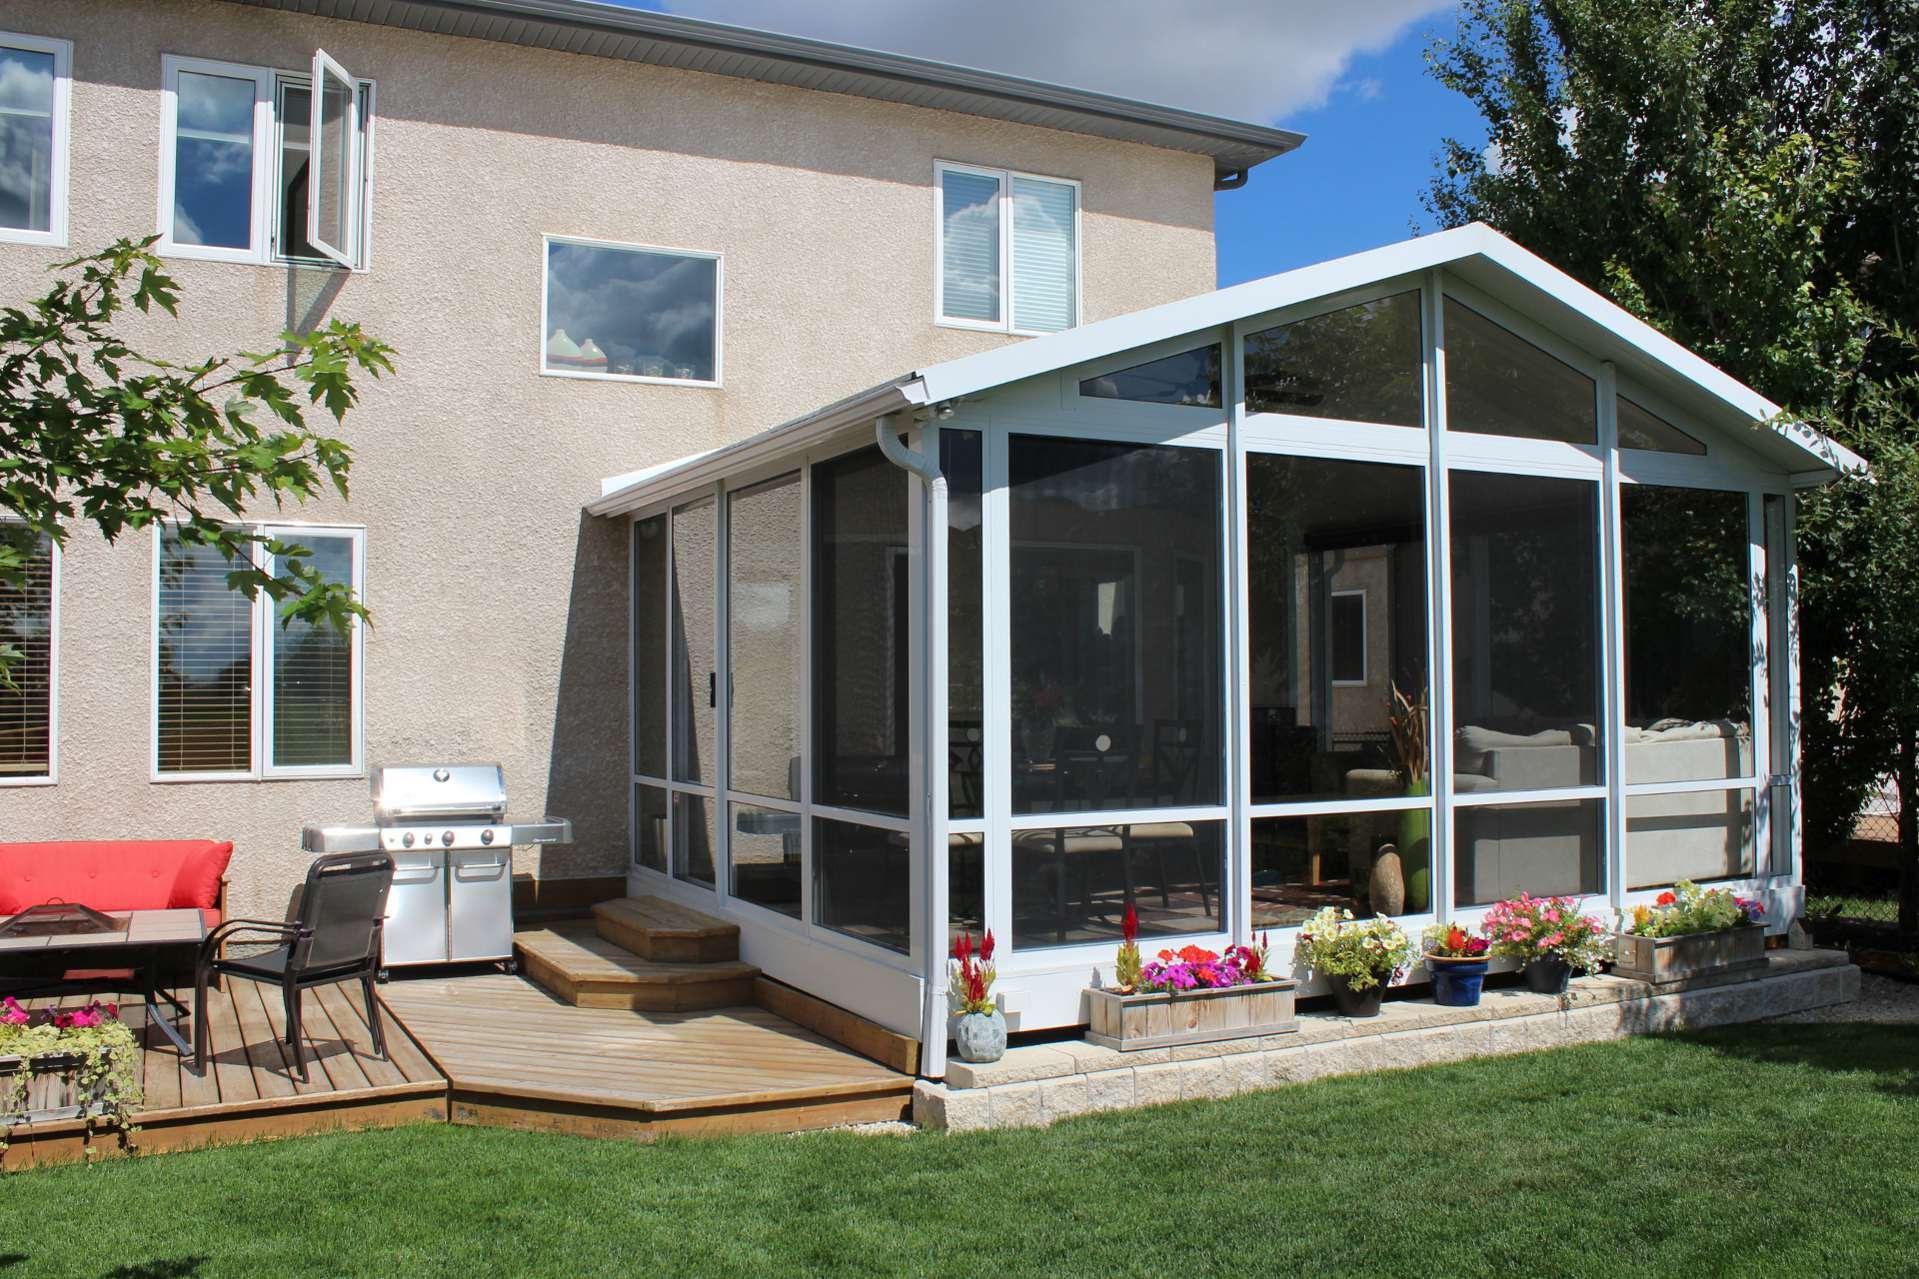 sunroom home flowers garden